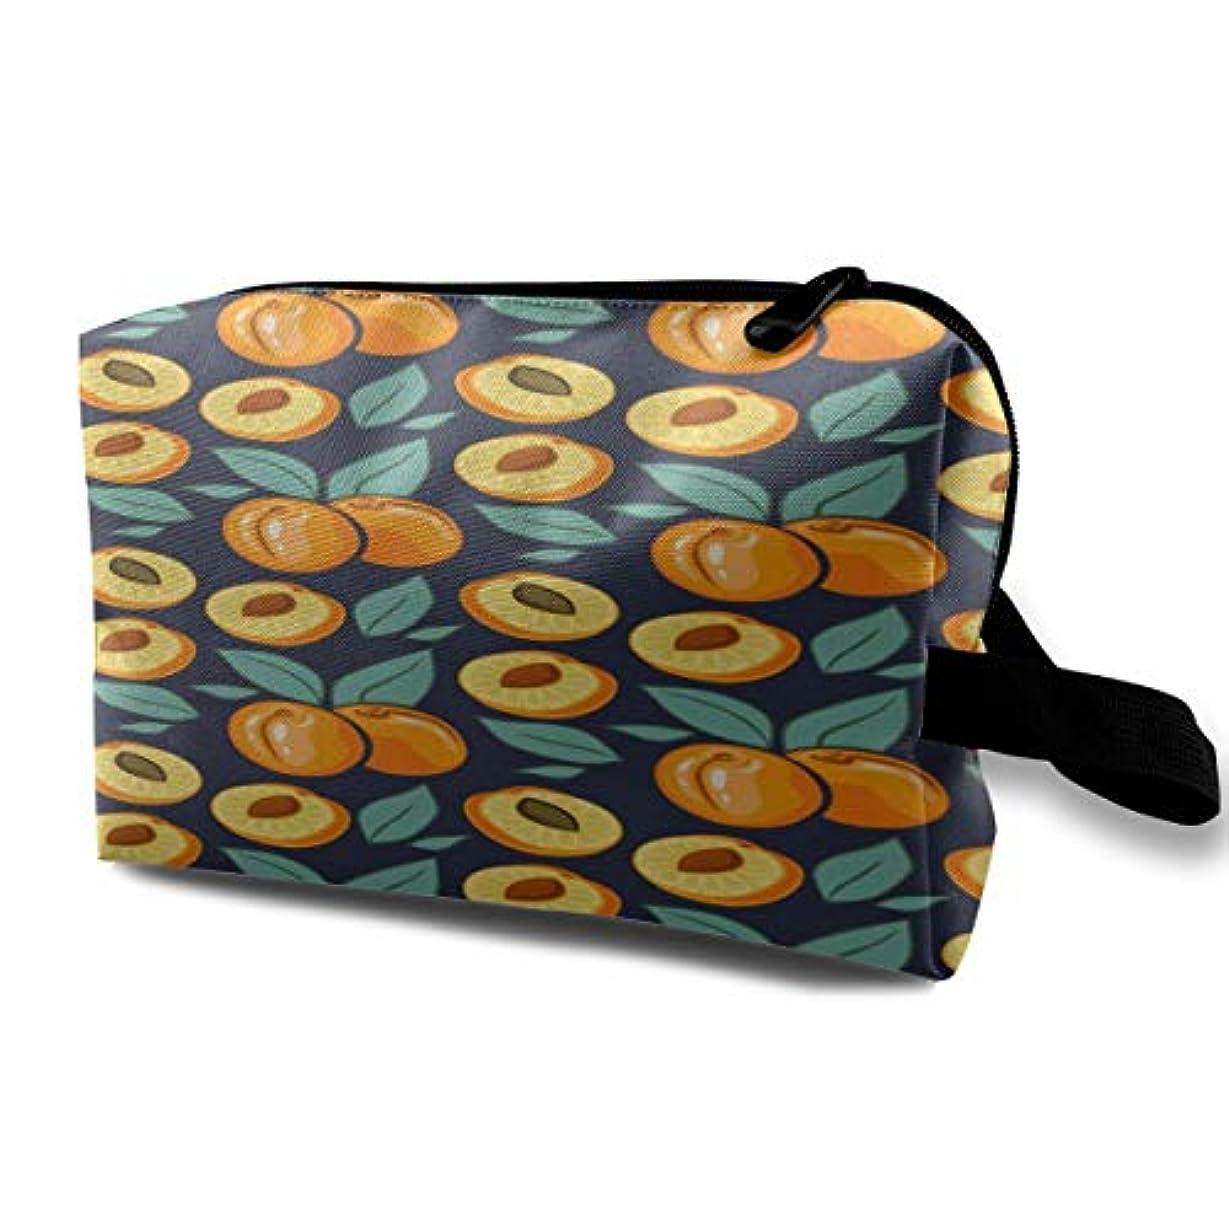 適度にオープナー基礎理論Apricot Leaves Pattern 収納ポーチ 化粧ポーチ 大容量 軽量 耐久性 ハンドル付持ち運び便利。入れ 自宅?出張?旅行?アウトドア撮影などに対応。メンズ レディース トラベルグッズ